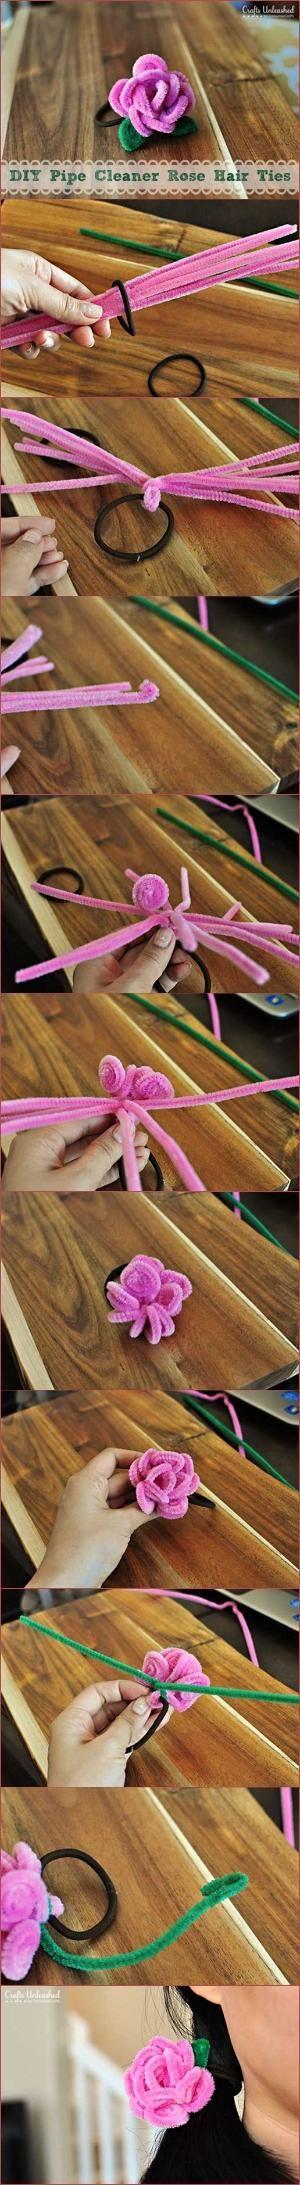 DIY Pipe Cleaner Rose Hair Ties by beryl